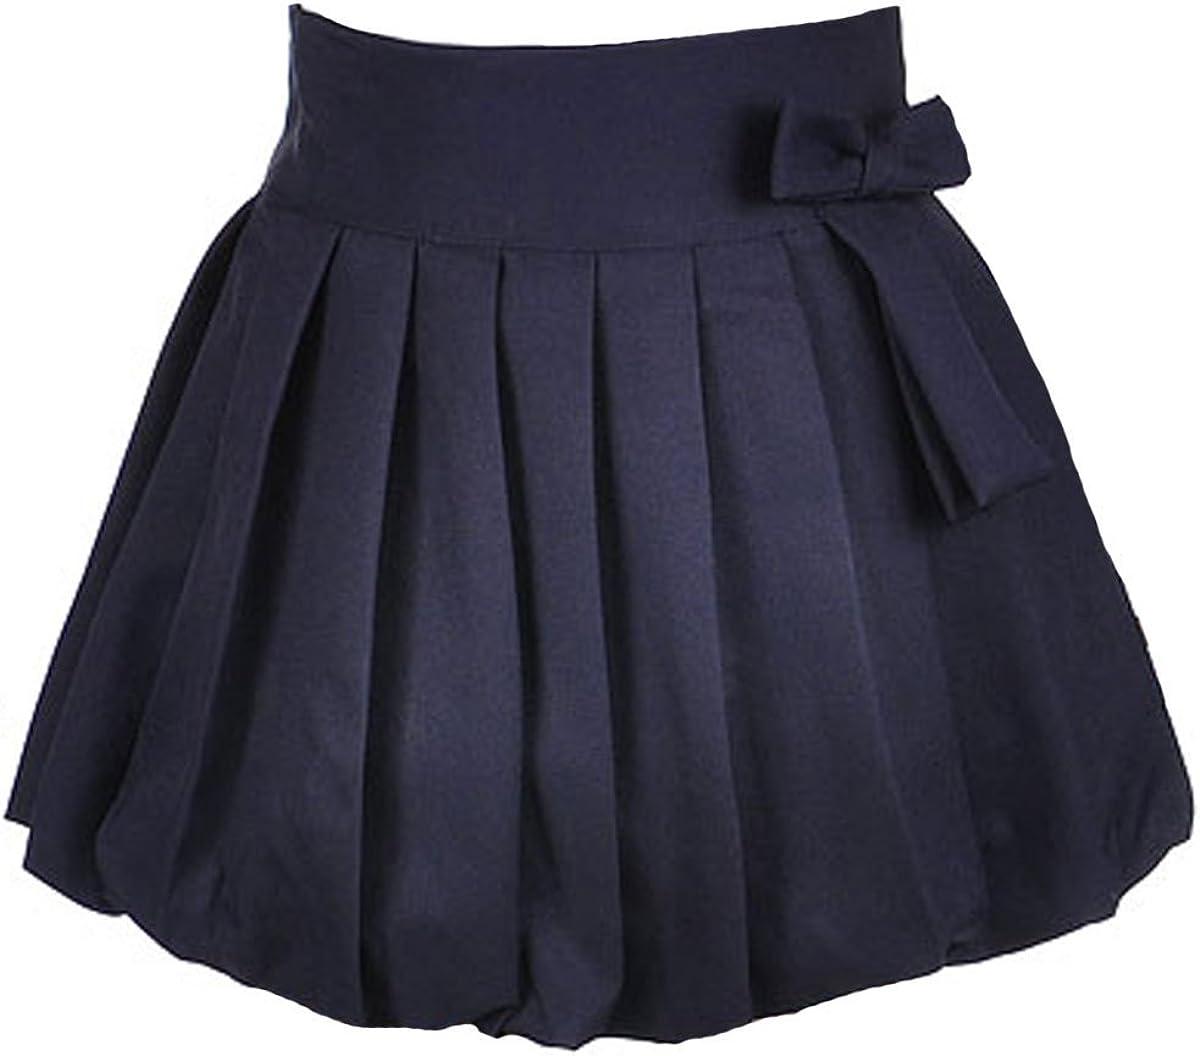 Little Girls Bubble Pleat Scooter Skirt U.S Polo Assn